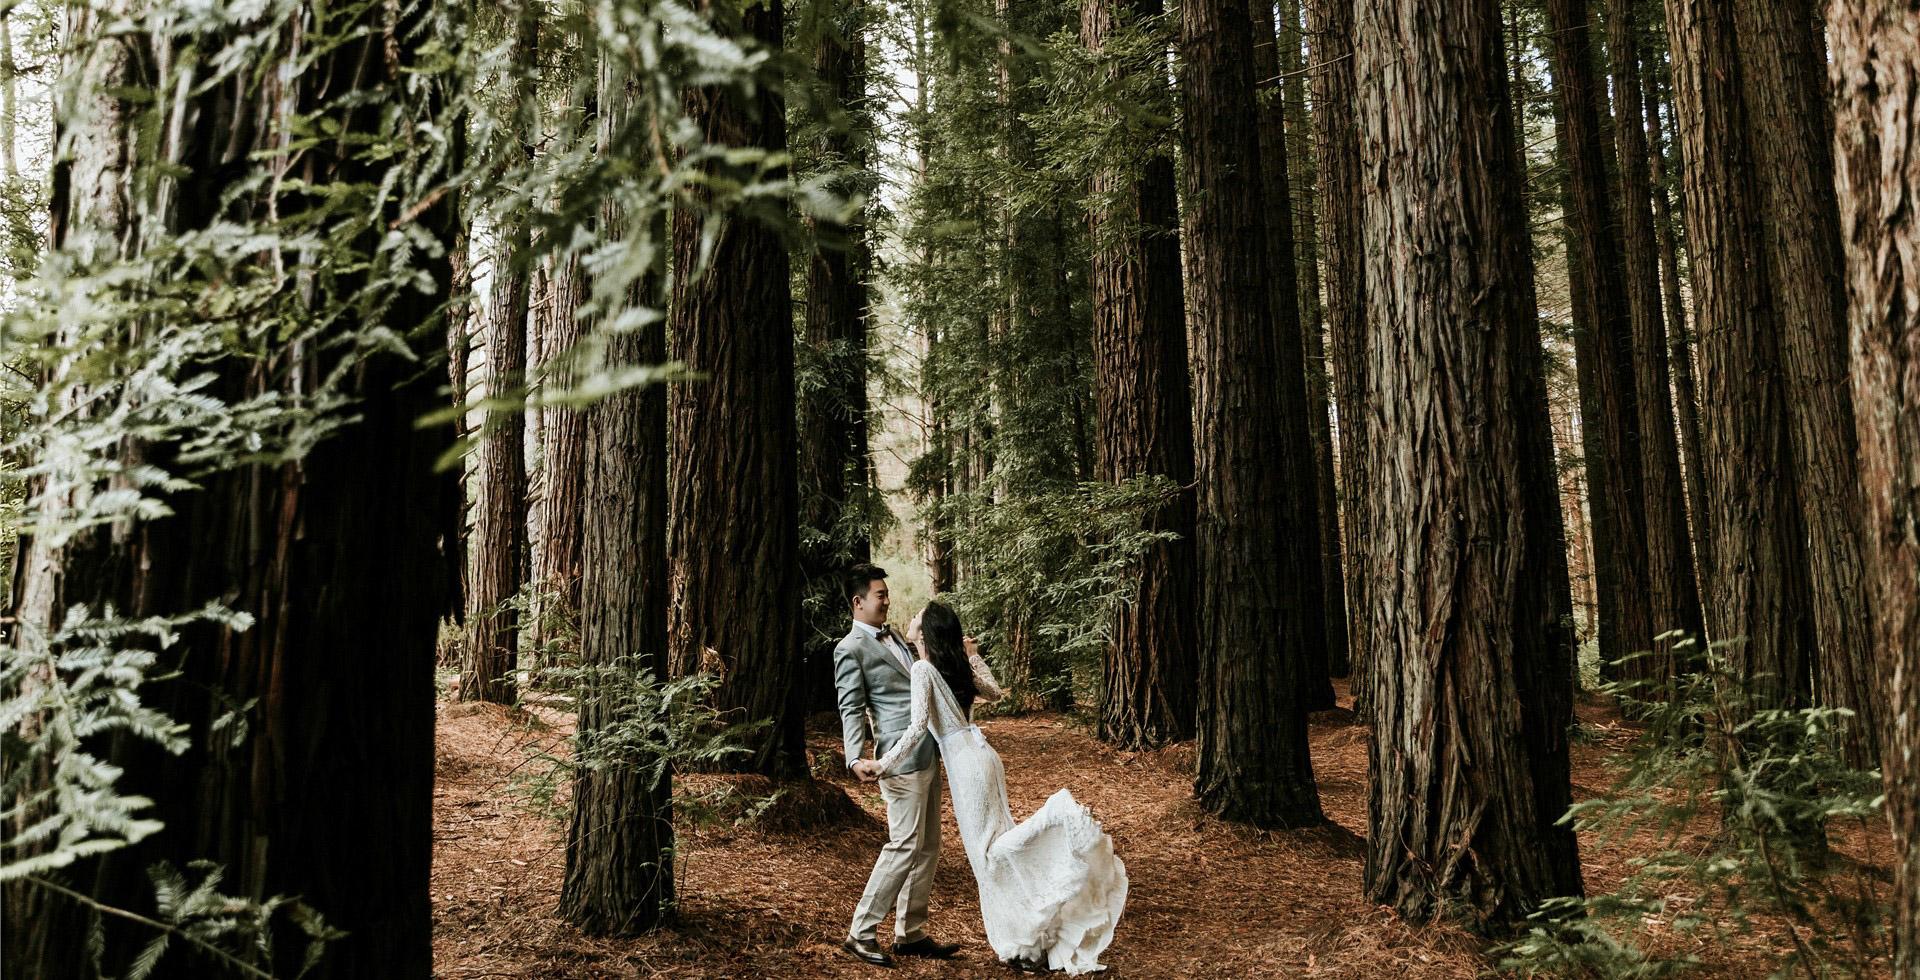 悉尼蓝山国家公园,小清新婚纱摄影,悉尼婚纱旅拍,澳洲婚纱旅拍摄影,小清新旅拍婚纱照,悉尼化妆造型